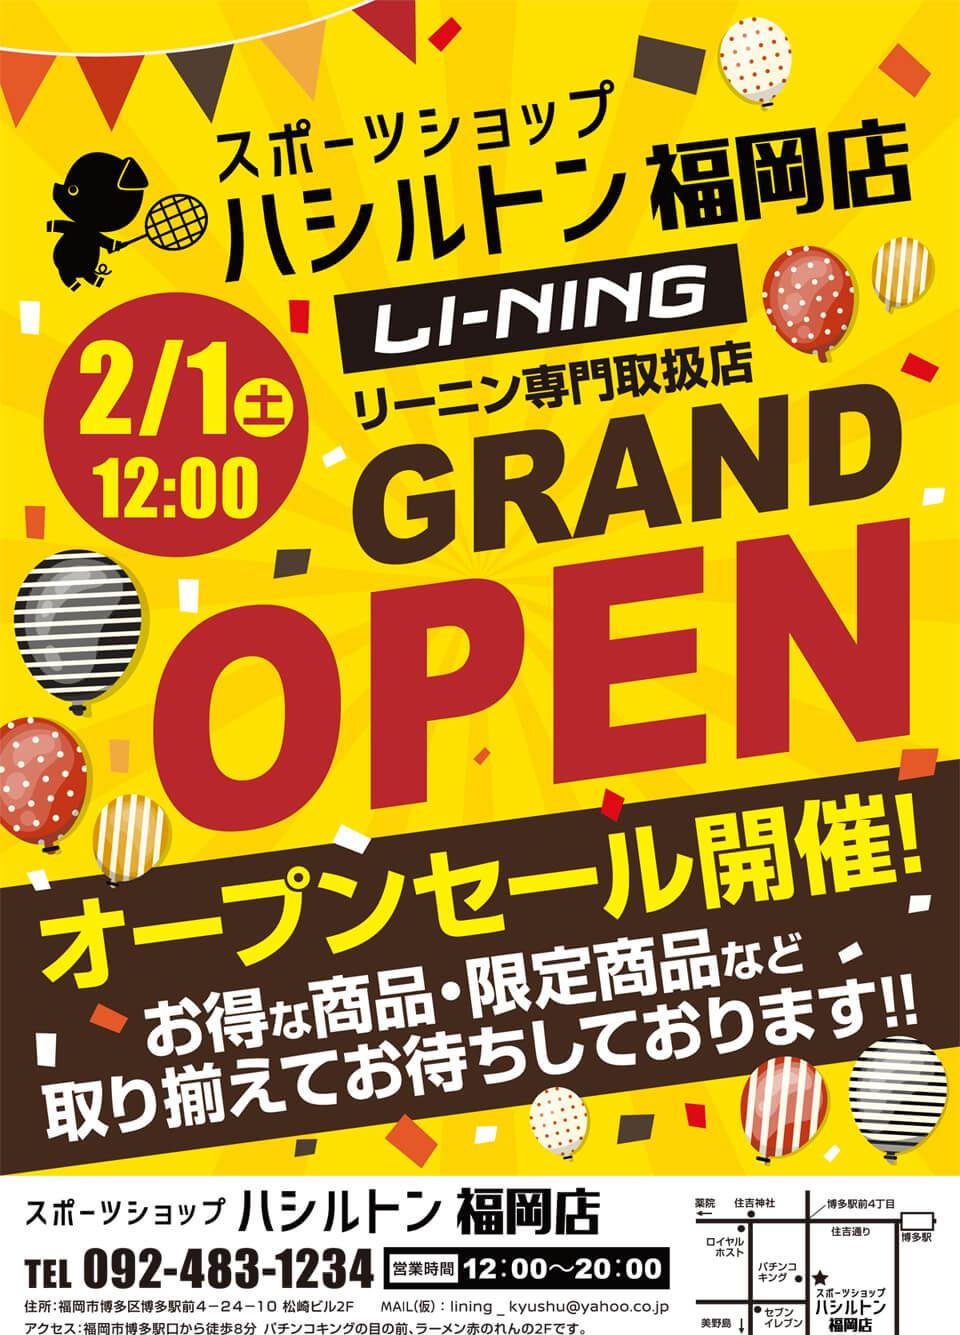 スポーツショップハシルトン 福岡店オープンセール